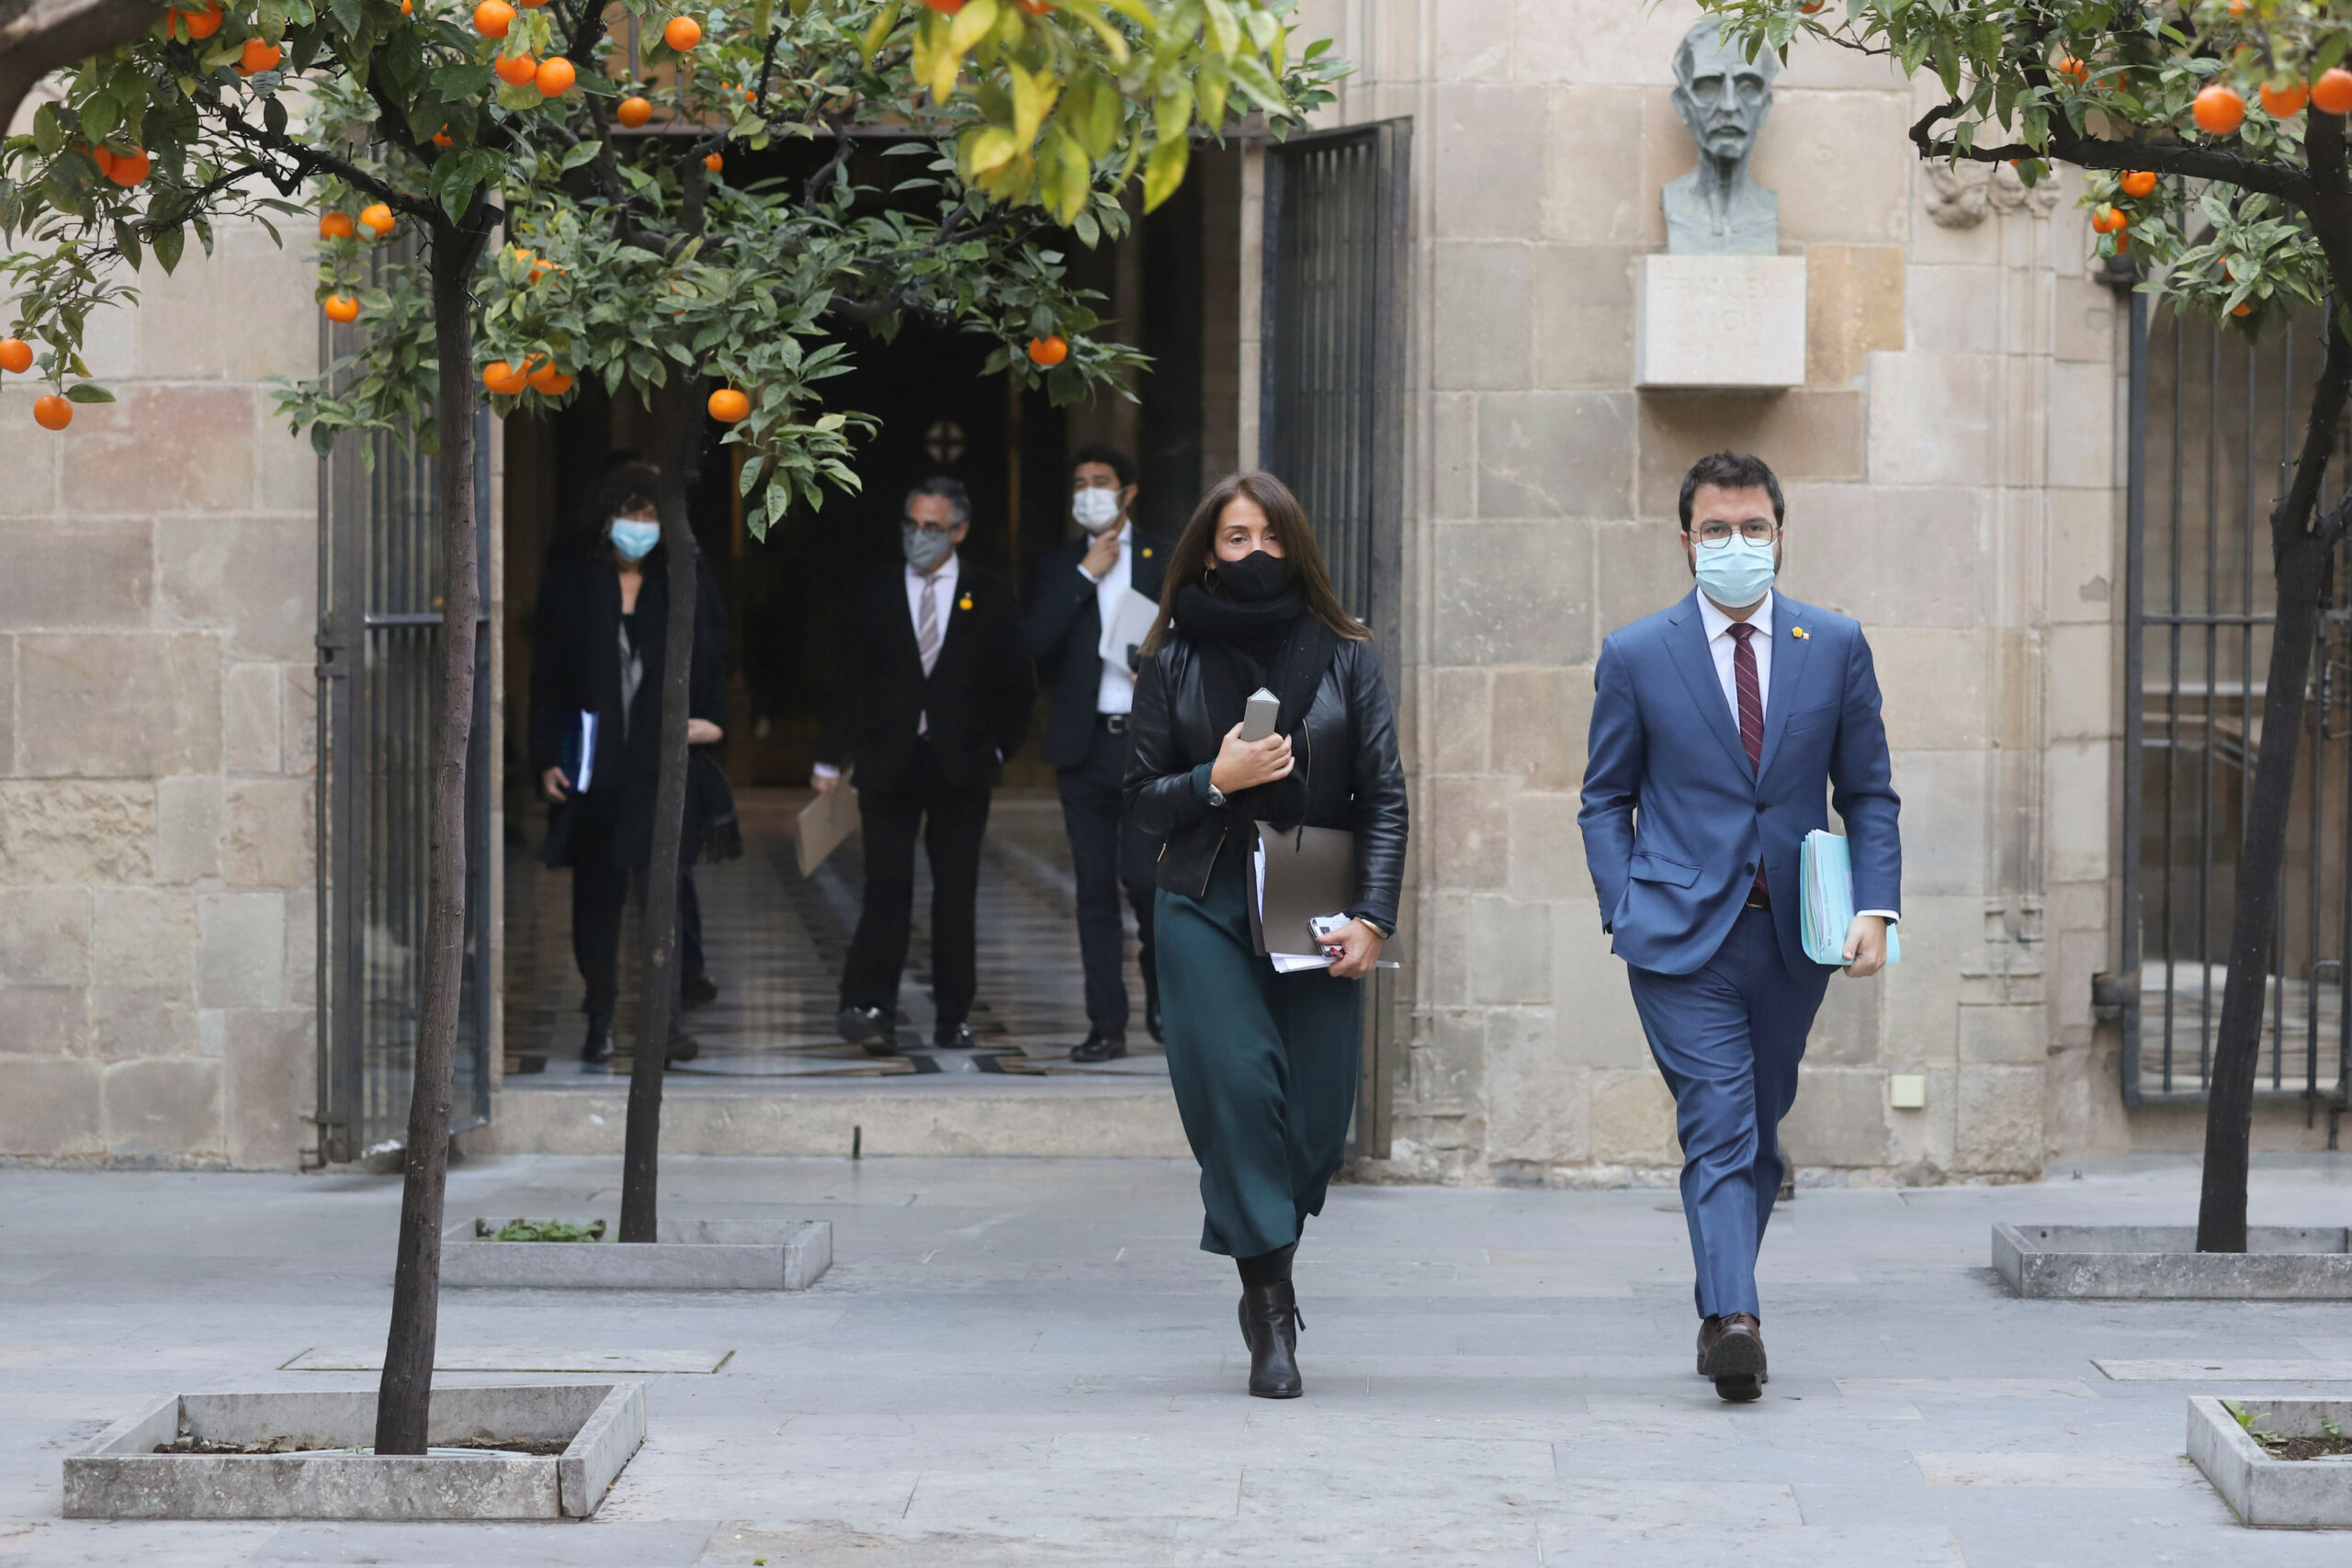 El vicepresident del Govern, Pere Aragonès, i la consellera de la Presidència, Meritxell Budó, dirigint-se a la reunió del Consell Executiu | ACN